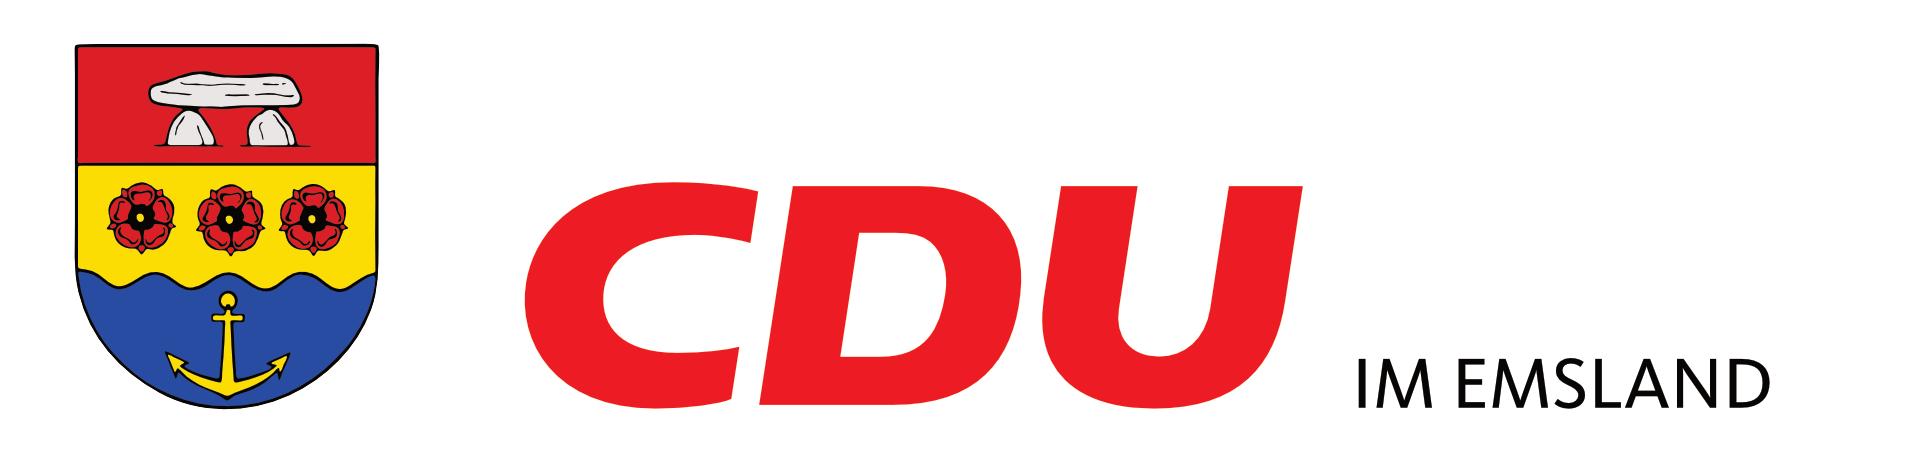 CDU im Emsland